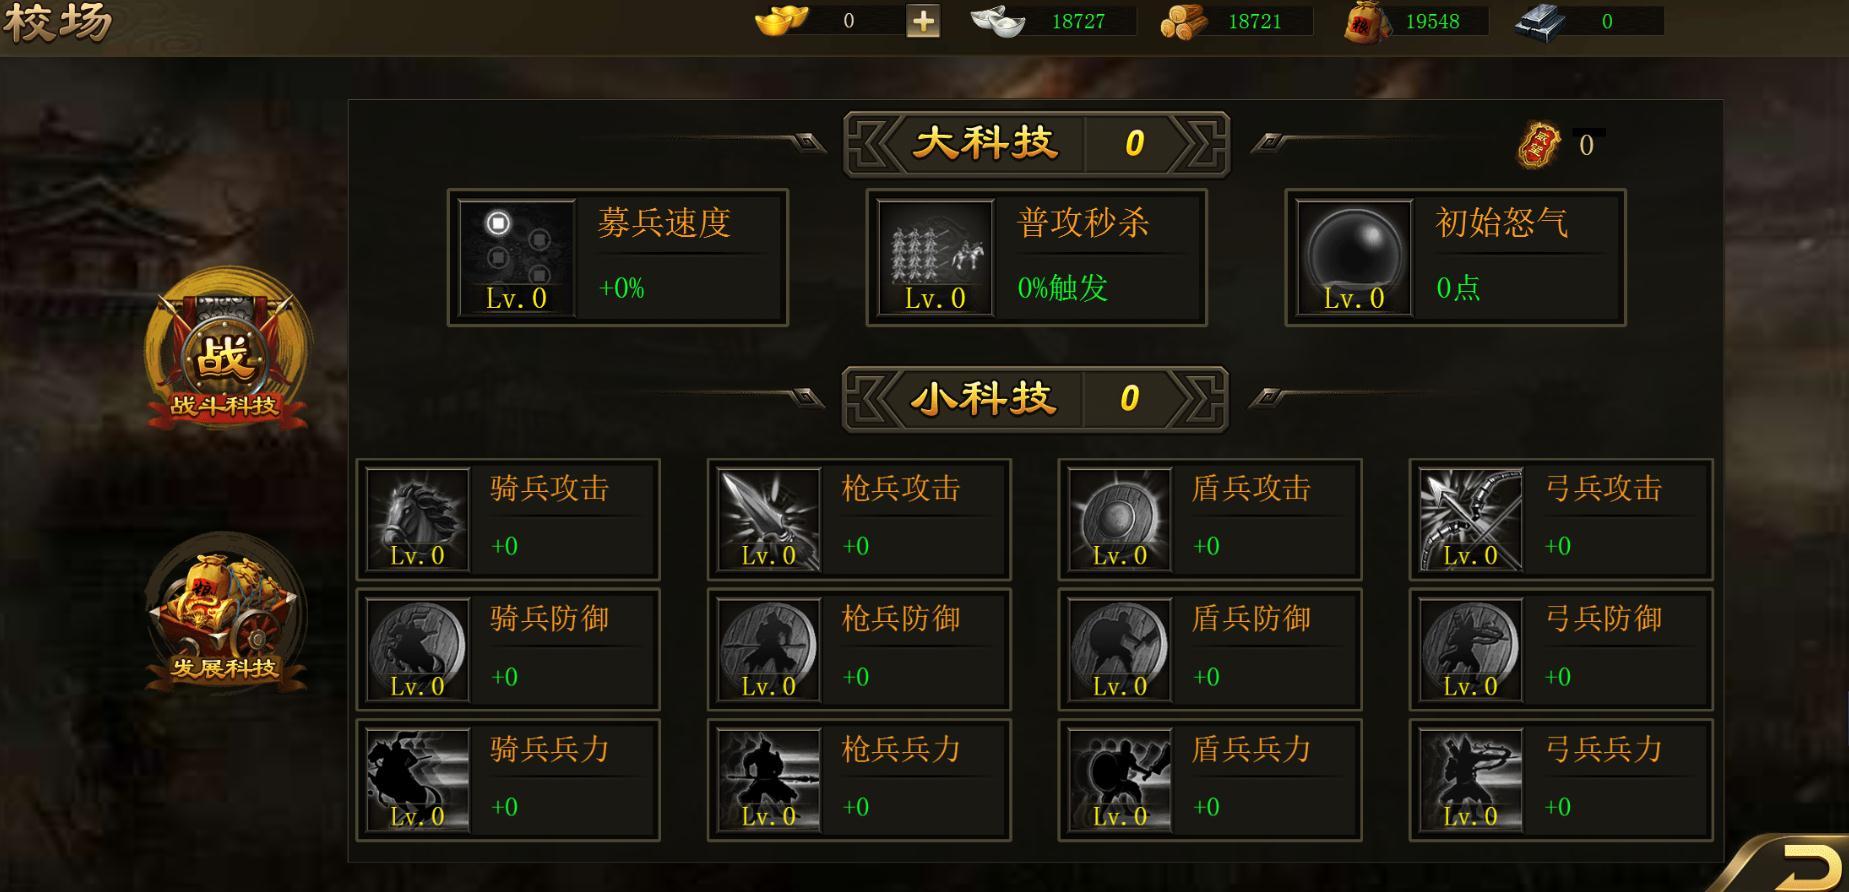 大军师H5游戏演示-68H5